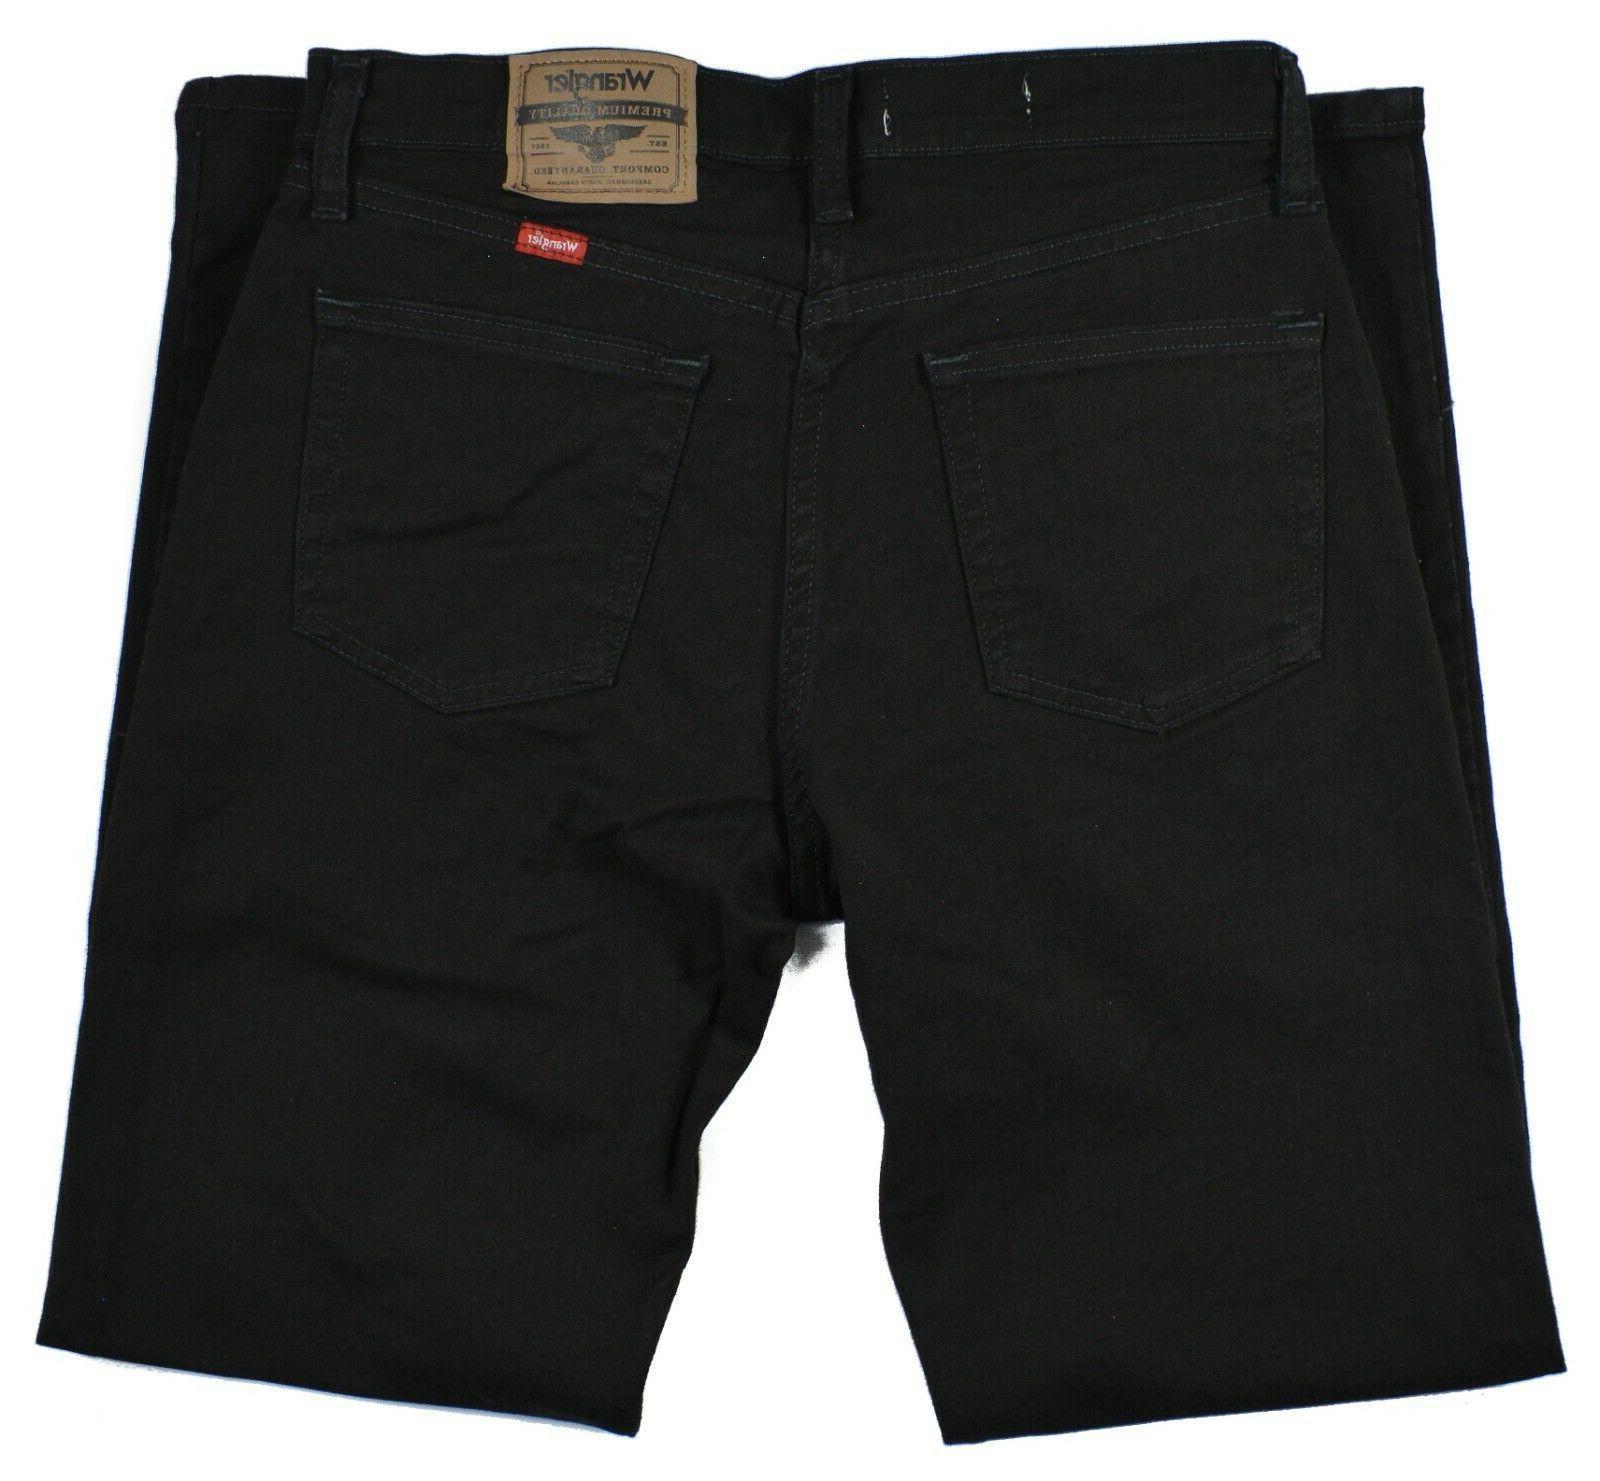 Wrangler Men's Black Leg